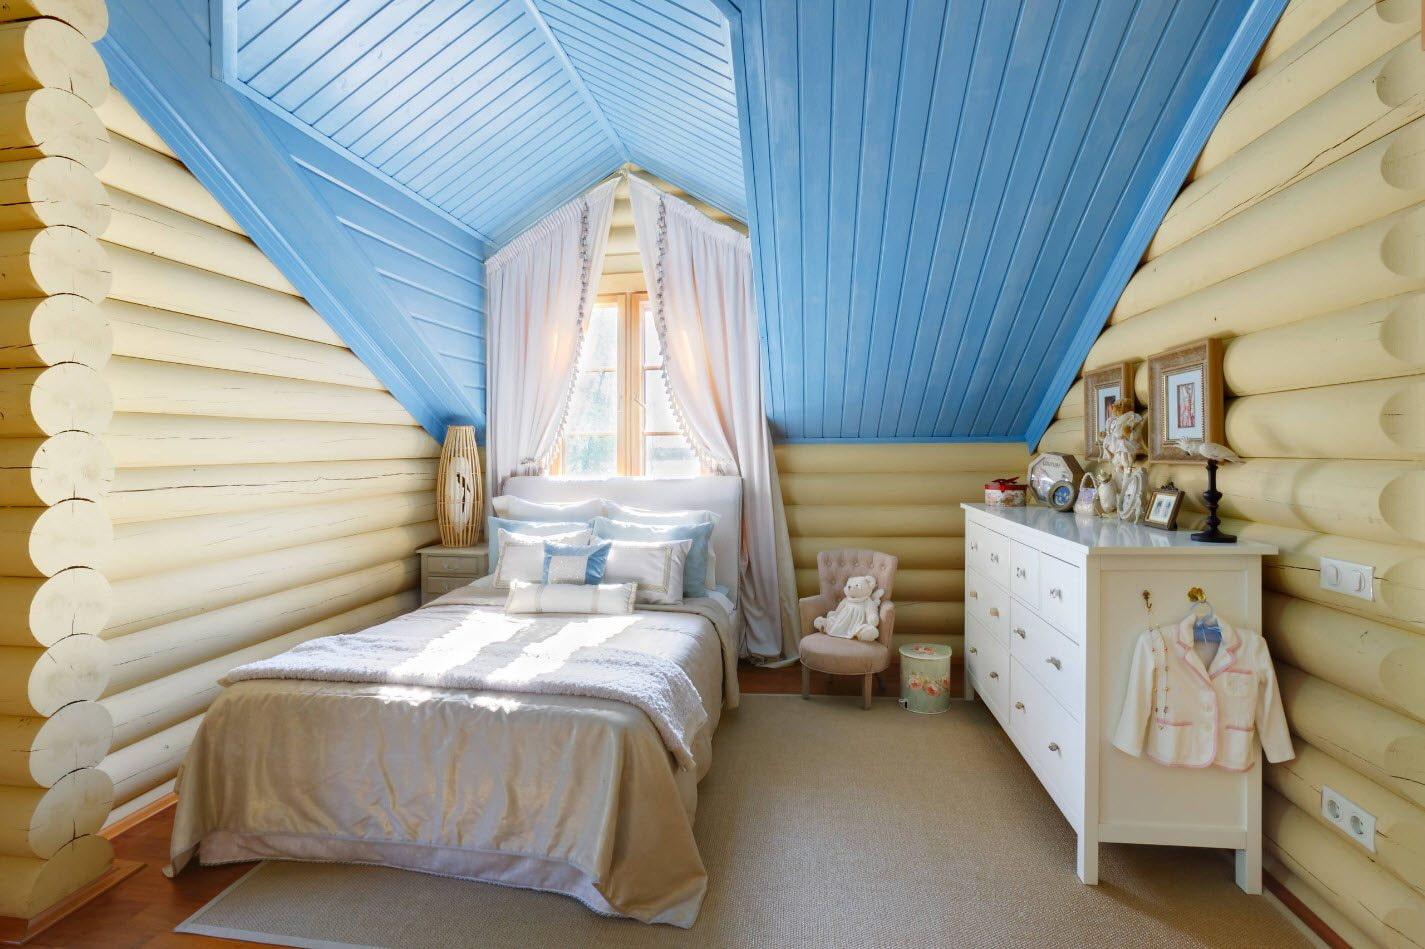 простой как красиво покрасить вагонку фото в спальню непосредственность